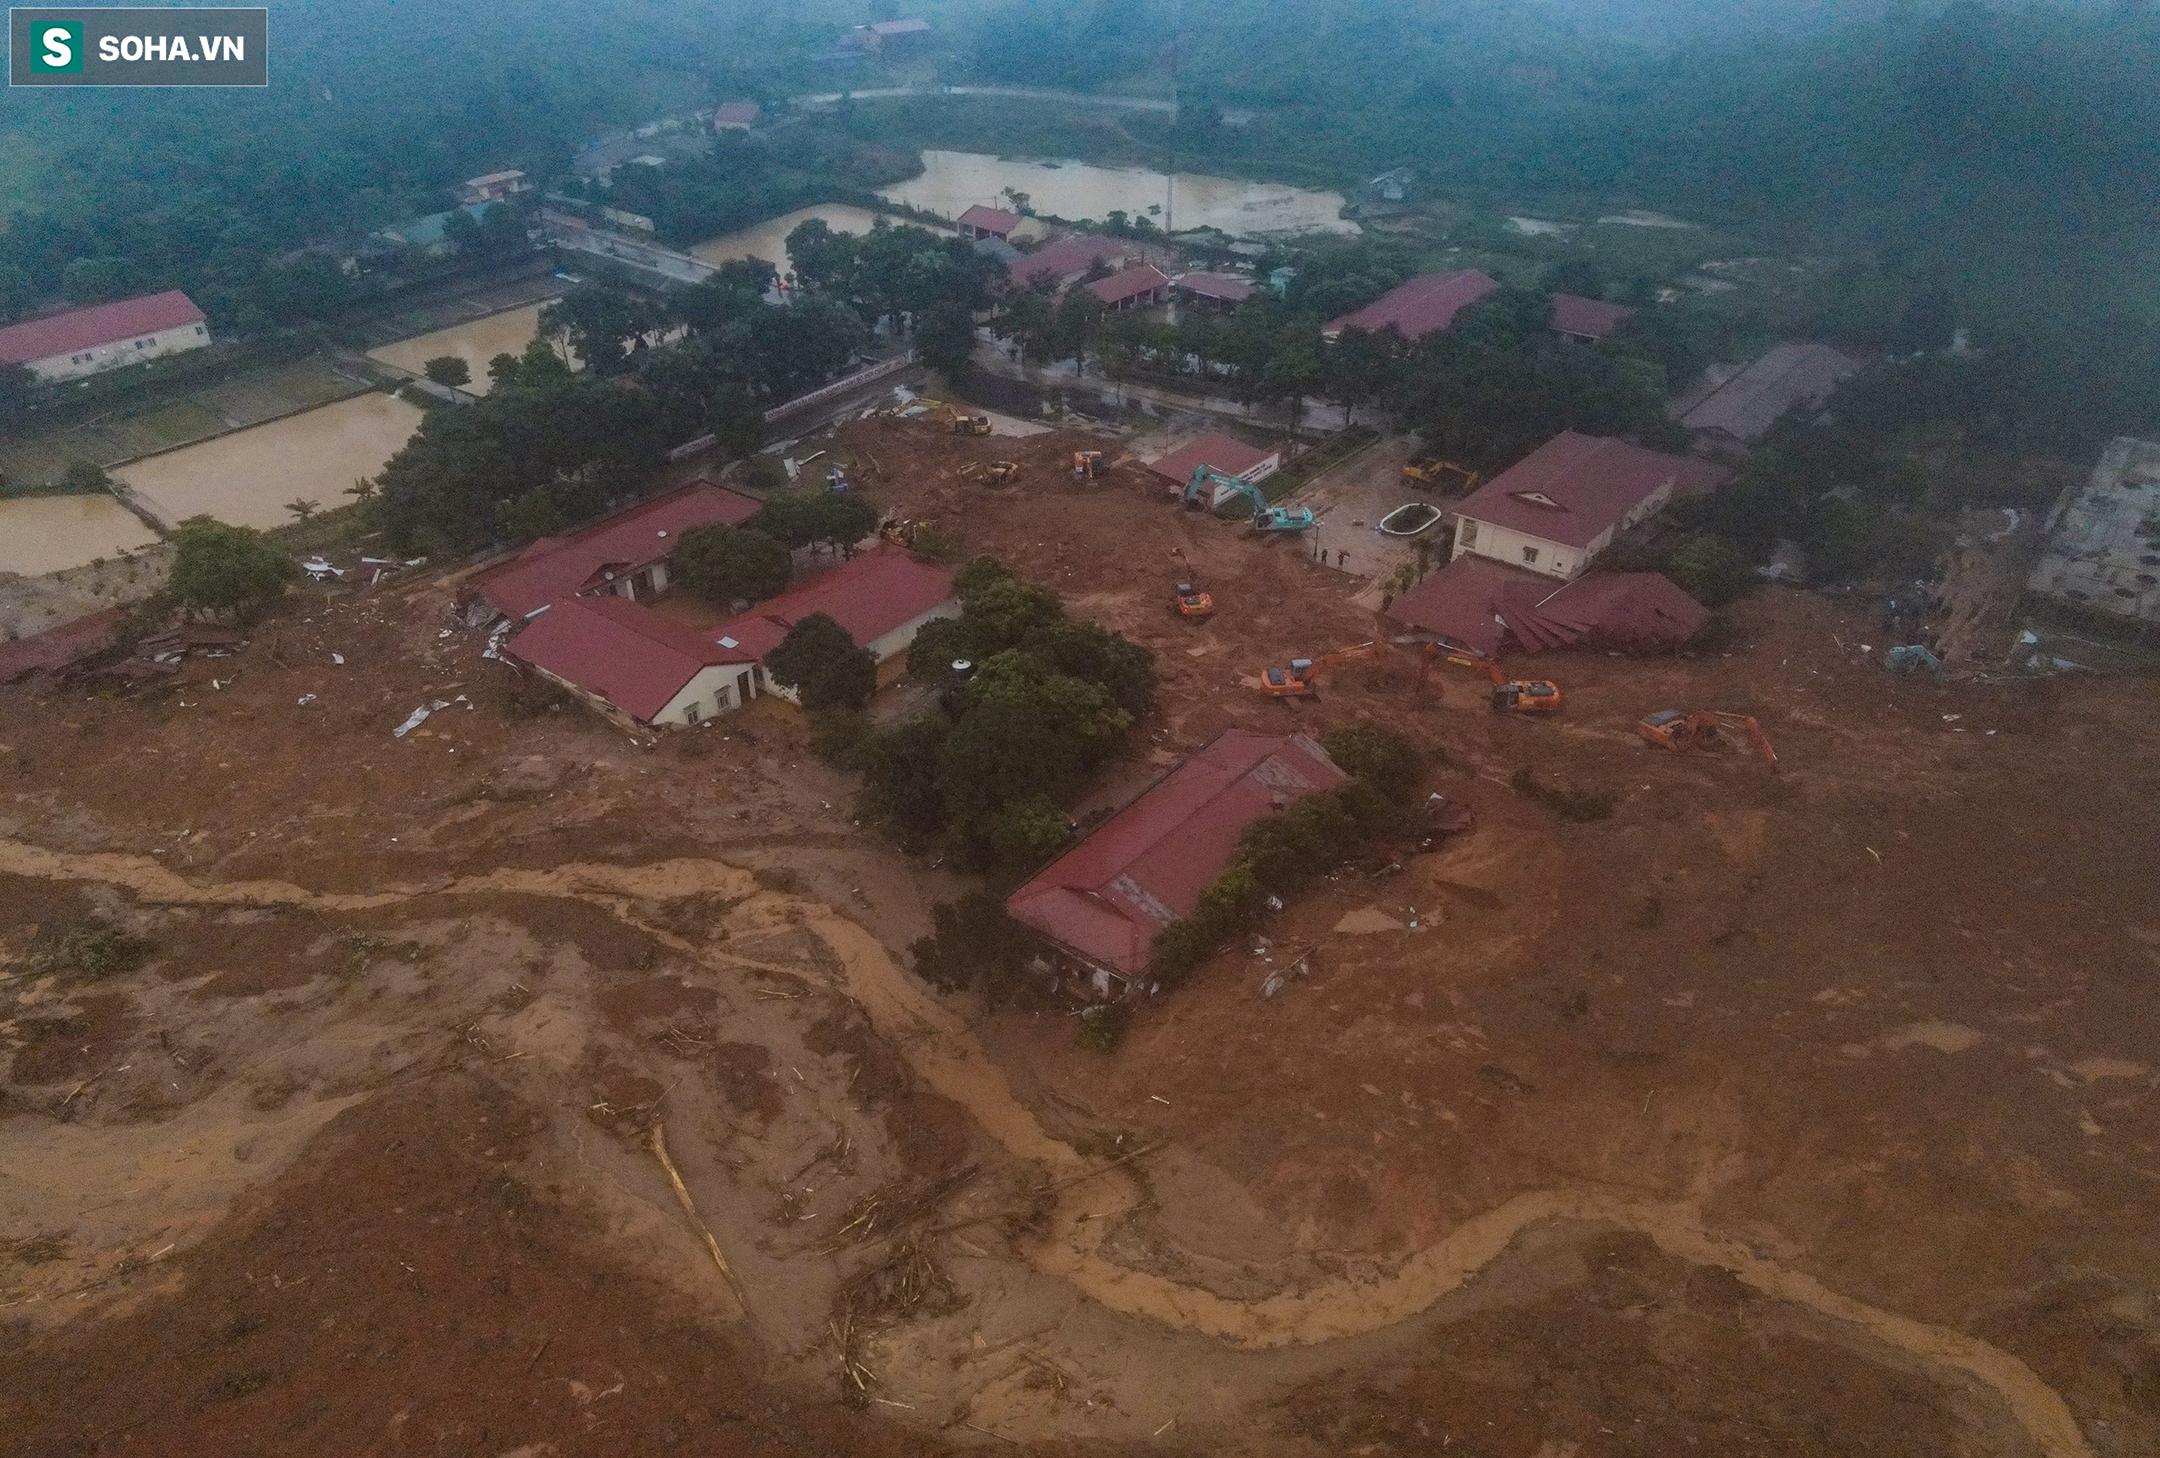 """Toàn cảnh dãy nhà bị núi lở """"san phẳng"""", vùi lấp 22 chiến sĩ ở Quảng Trị - Ảnh 13."""